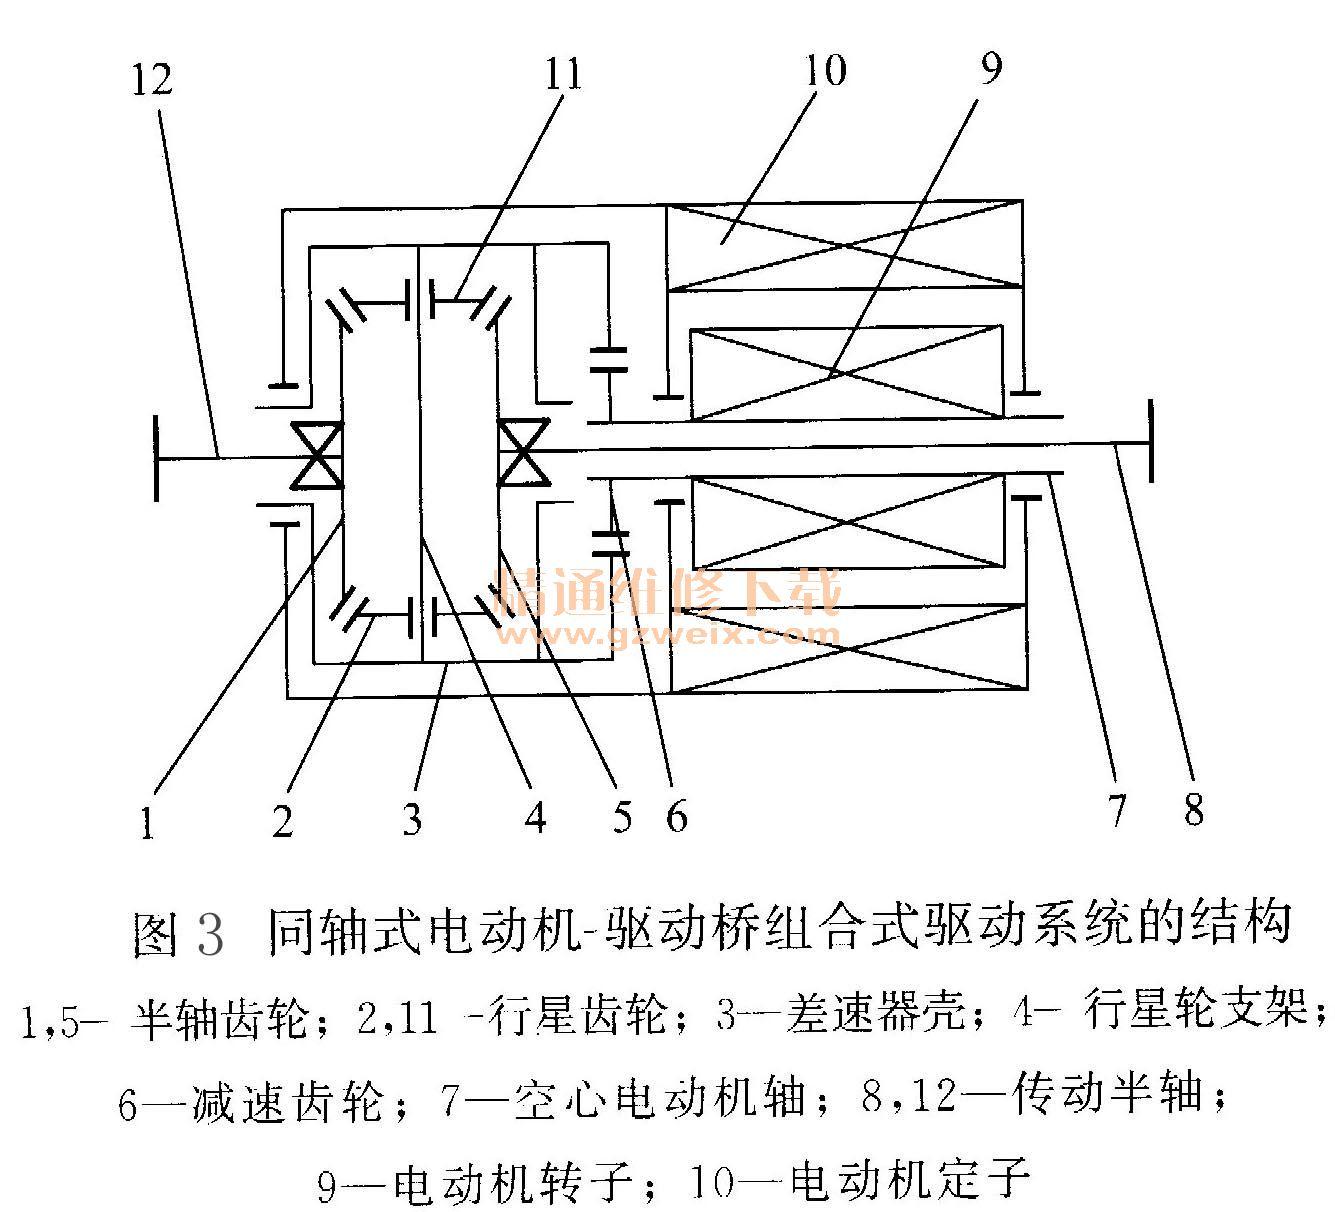 """双联式电动机一驱动桥组合式驱动系统双联式电动机一驱动桥组合式驱动系统取消了齿轮传动机构,完全实现了""""机电一体化""""传动方式。它由左右两个永磁电动机直接通过半轴带动车轮转动。左右两个电动机由中央控制器的电控差速模块控制,形成机电一体化的差速器,使驱动系统的结构大大简化,重量显著降低,它要比一般机械式差速器可靠和轻便。如图4所示为由两个永磁电动机组成的双电动机驱动系统的结构。双电动机驱动桥传动系统和相同功率的单电动机驱动桥传动系统相比较,电动机的直径要小得多,所以可以将双联式电动机驱动"""